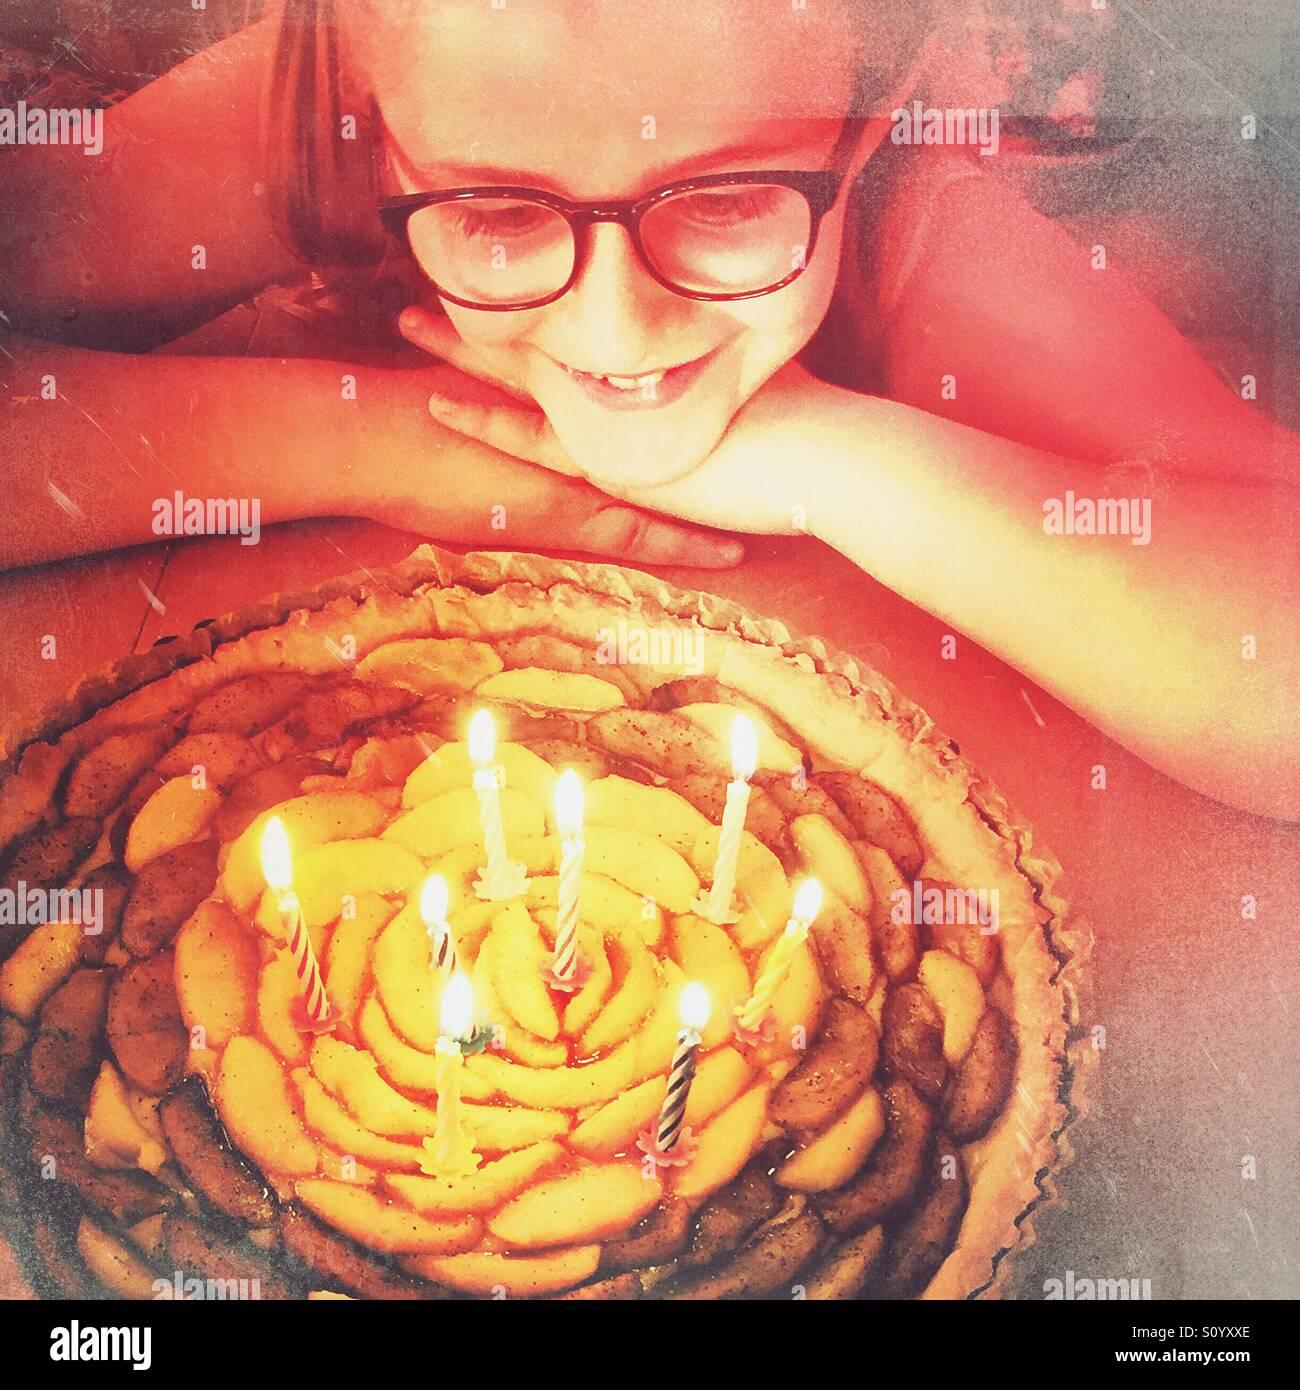 Bambina con occhiali guardando il suo compleanno la torta di mele con 8 candele Immagini Stock